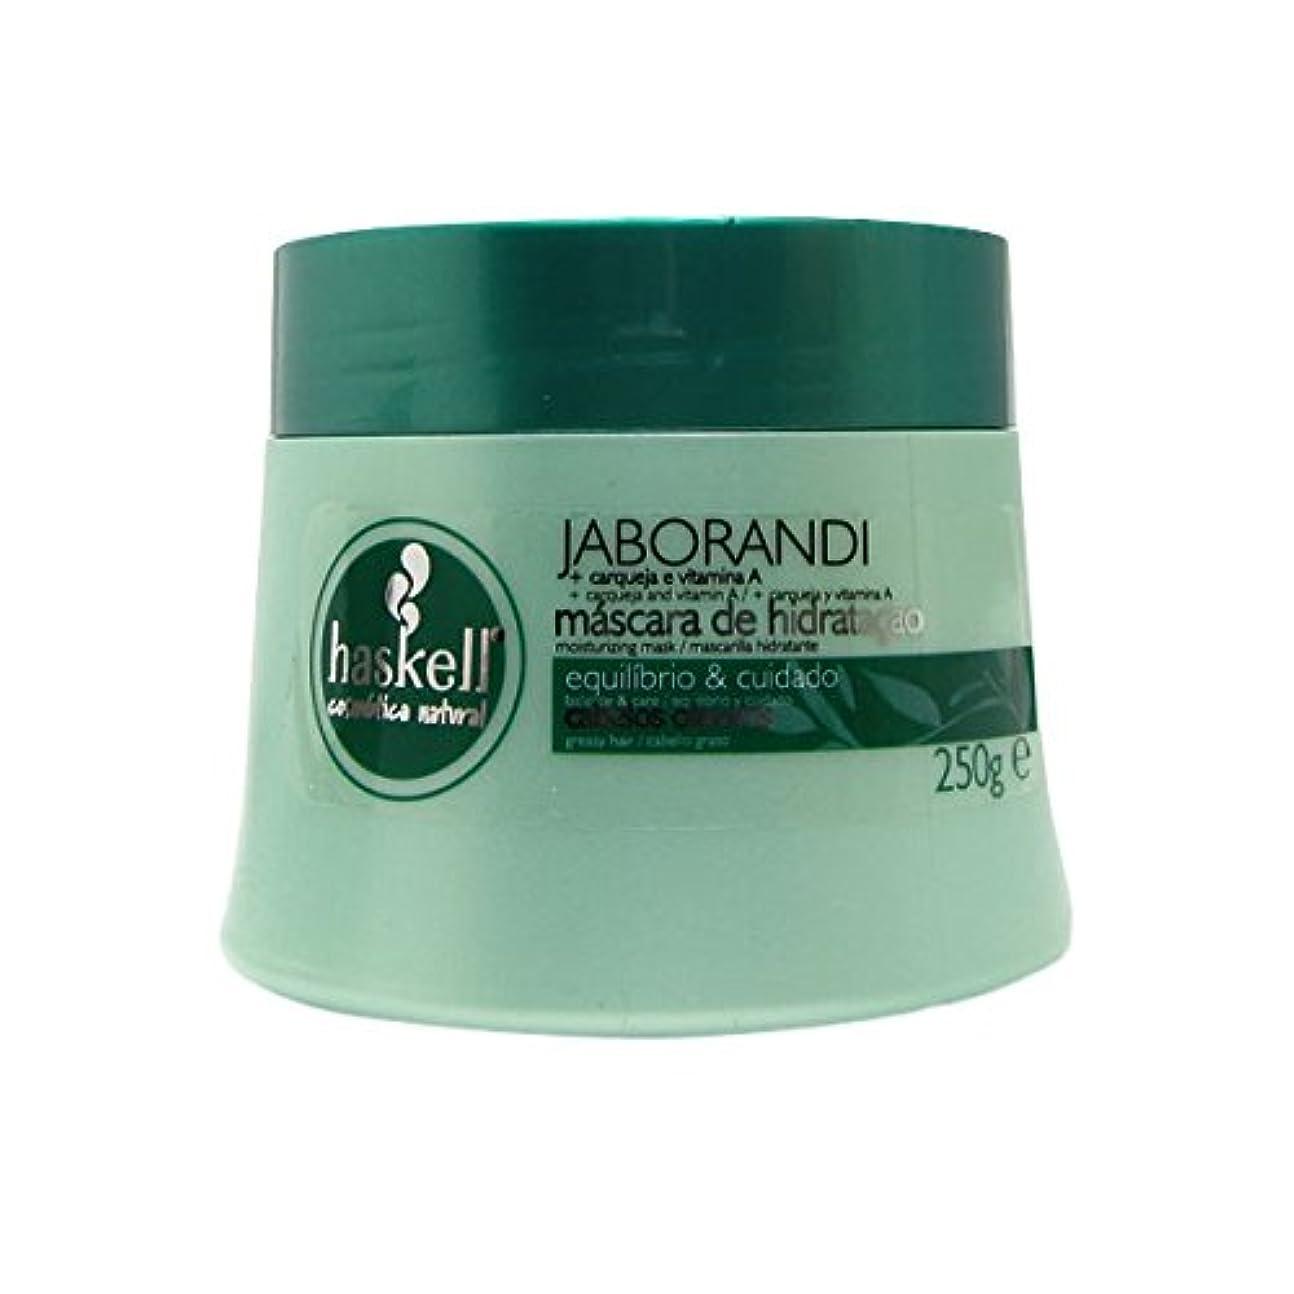 保安本質的に無臭Haskell Jaborandi Hair Mask 250g [並行輸入品]